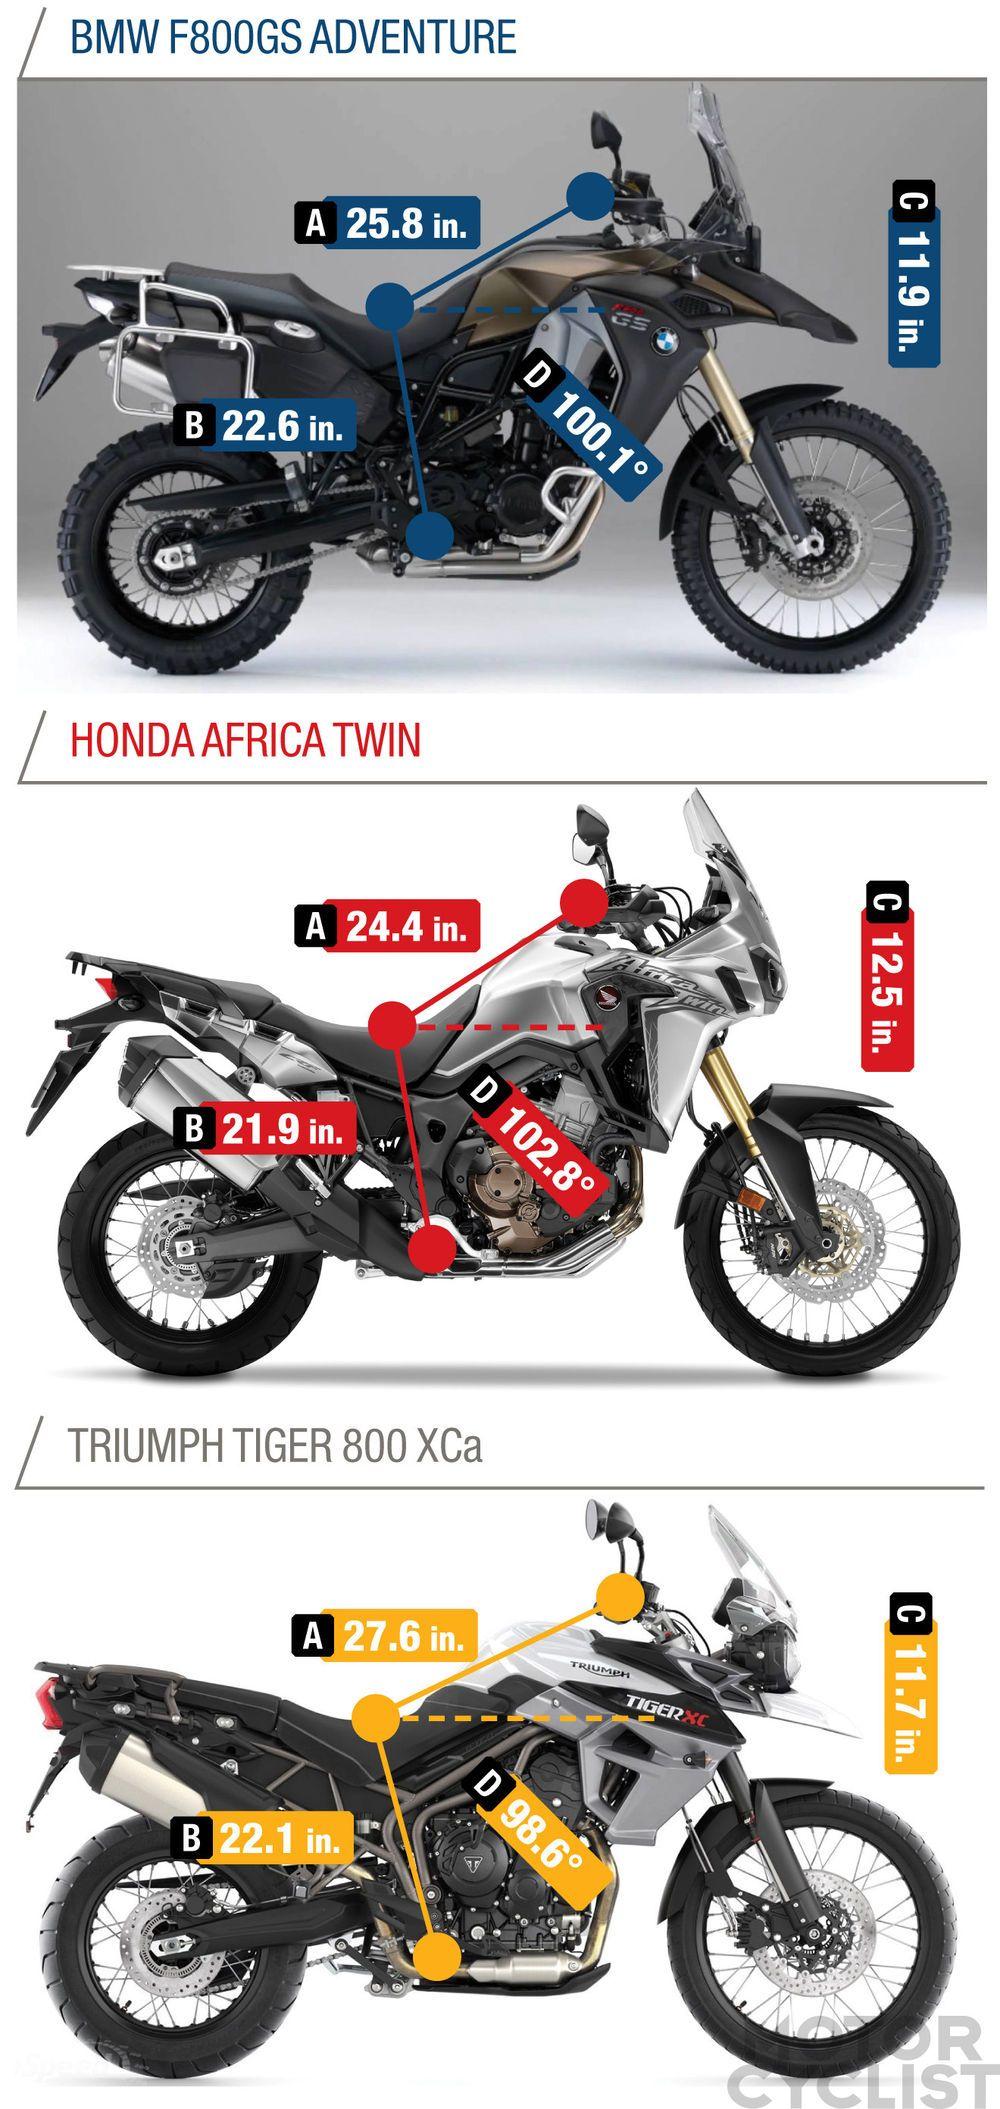 Bmw f800gs adventure vs honda africa twin vs triumph for Aventura honda service